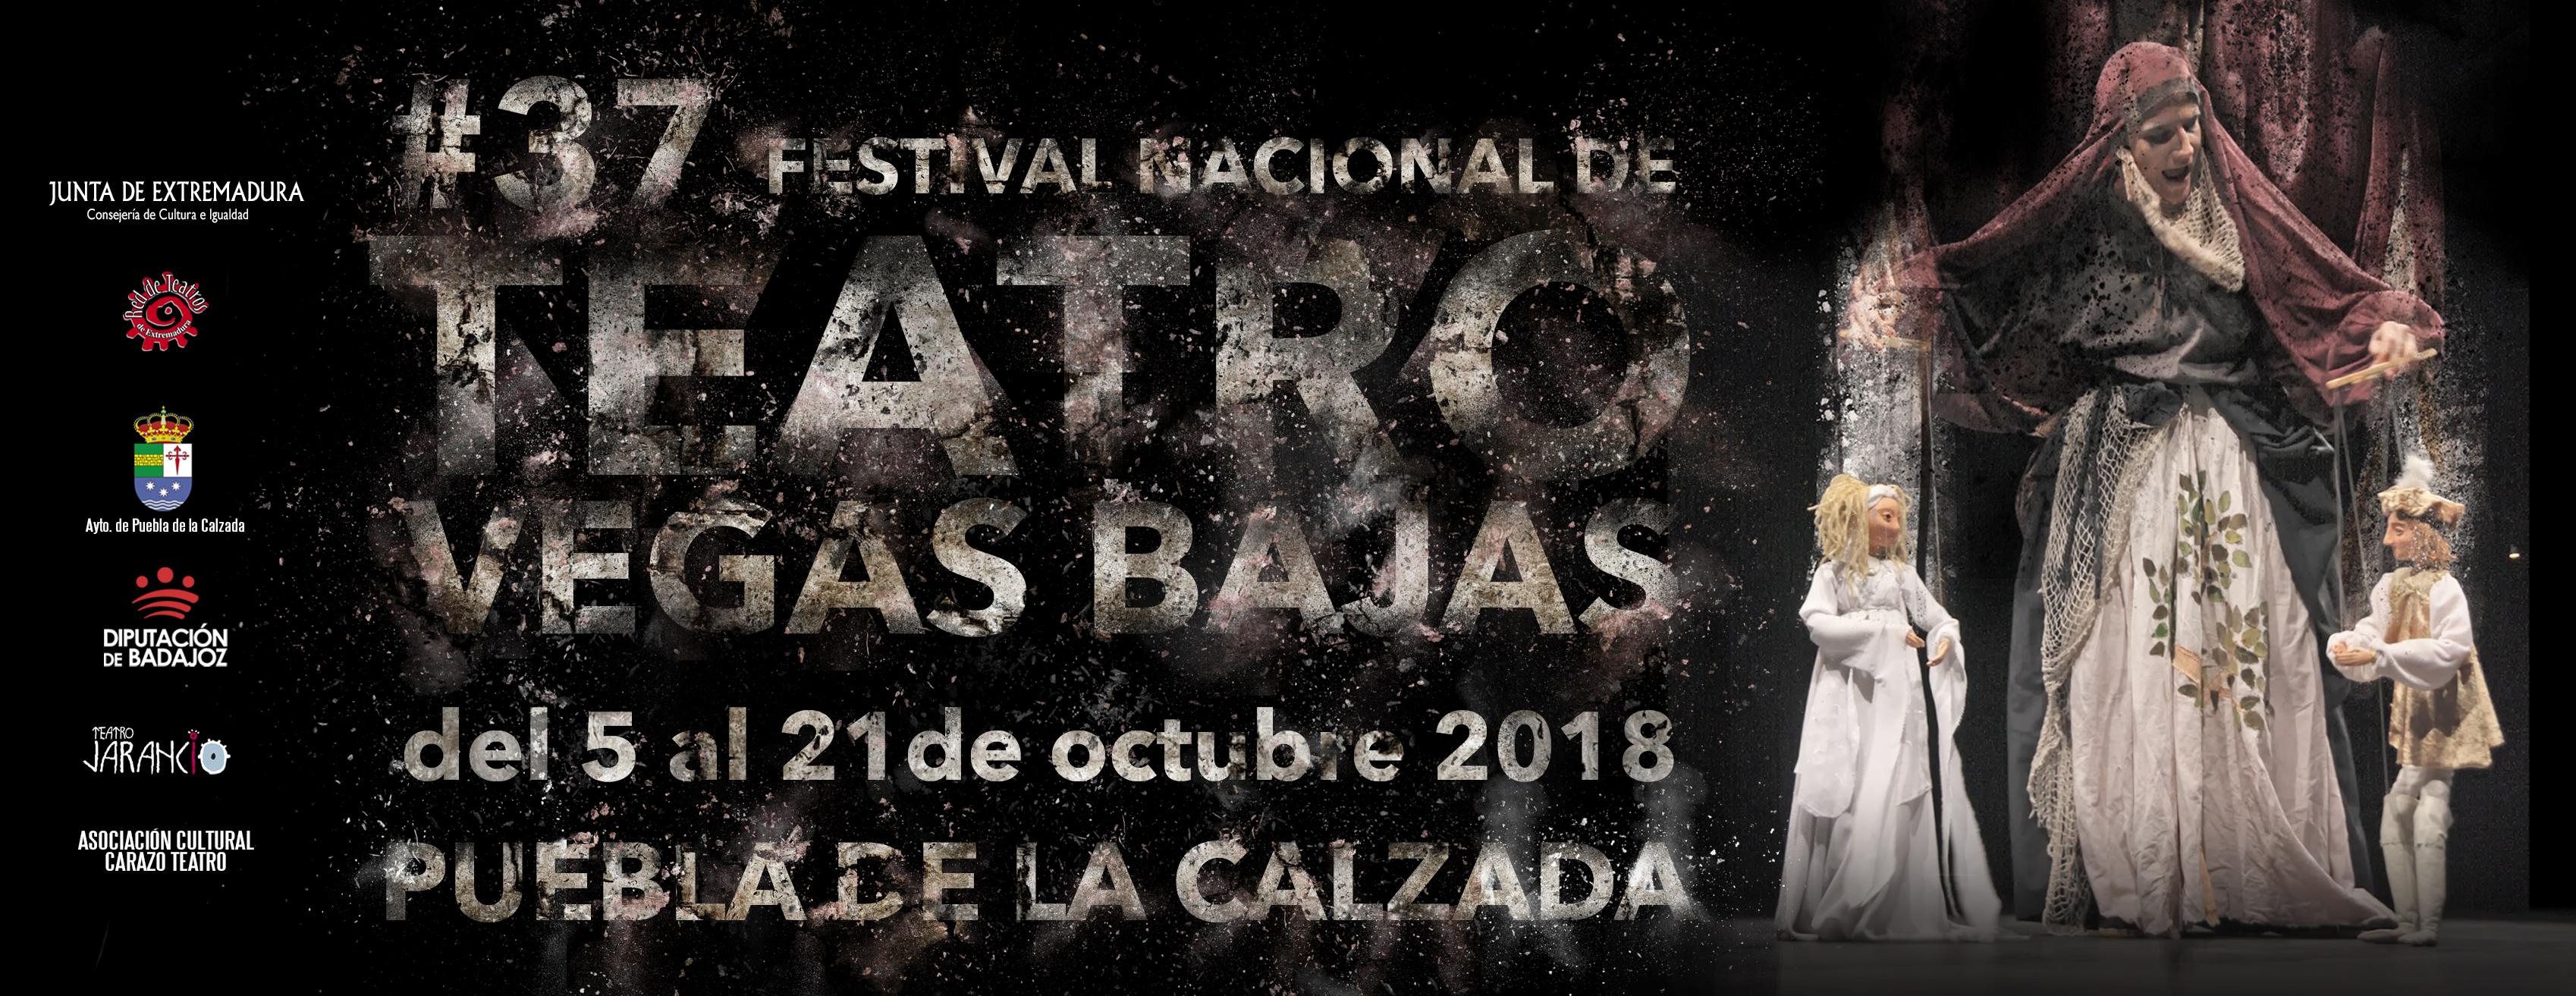 ENTRADAS A LA VENTA DEL XXXVII FESTIVAL NACIONAL DE TEATRO VEGAS BAJAS